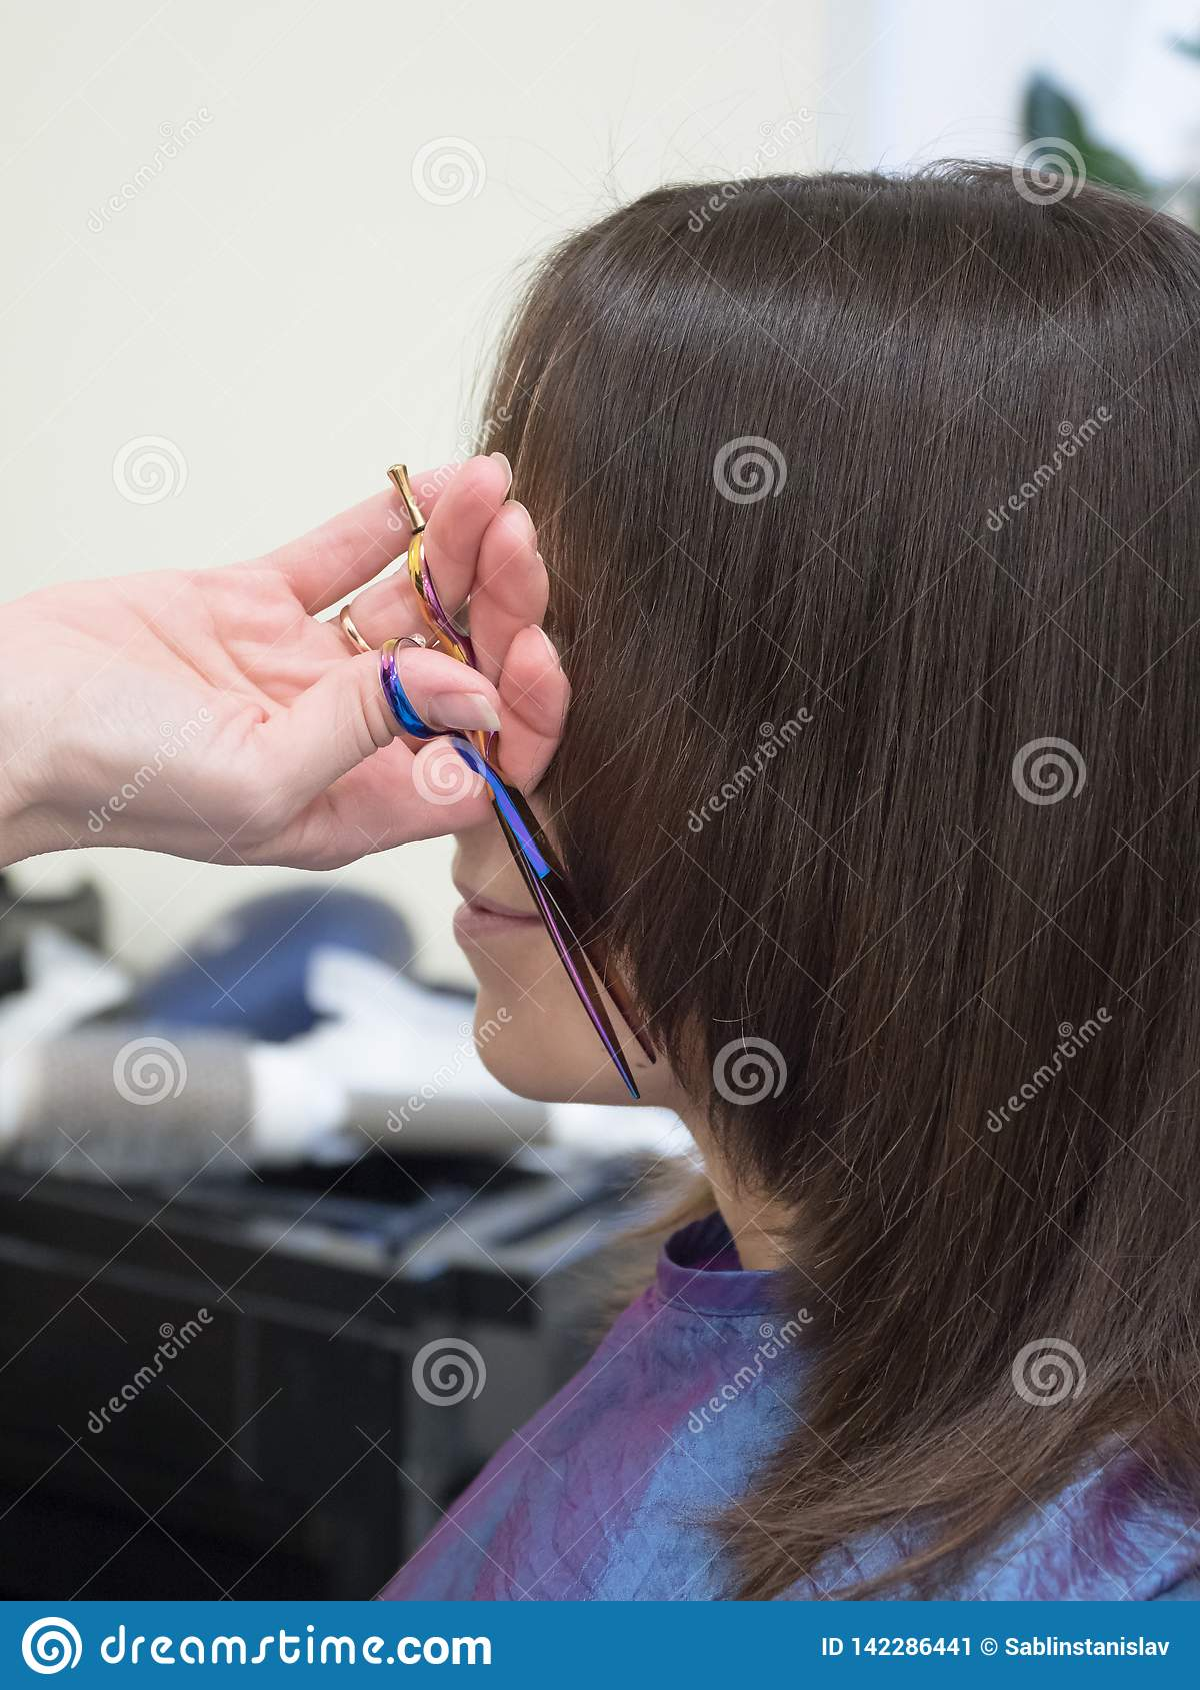 Coupe De Cheveux Pour Des Femmes La Technique De La Coupe Image Stock Image Du Coupe Femmes 142286441